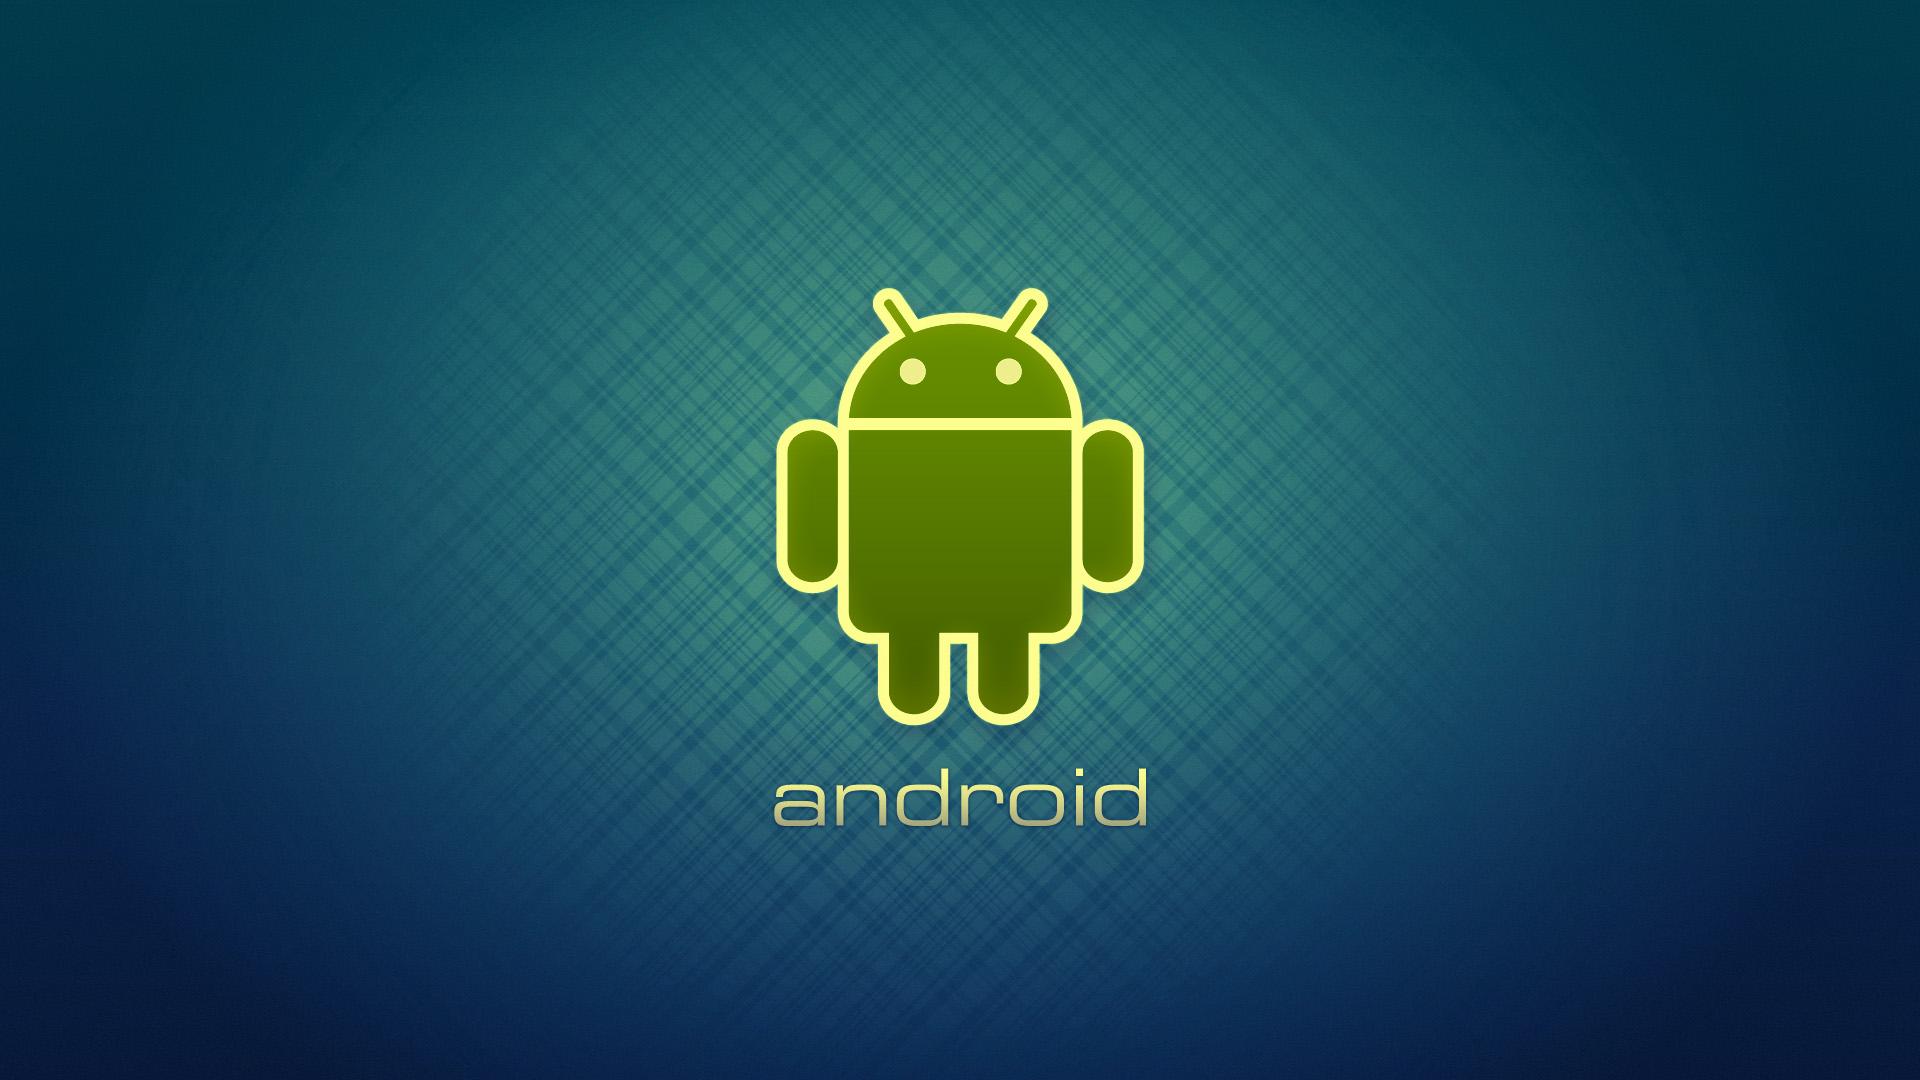 Description Google Android Wallpaper is a hi res Wallpaper for pc 1920x1080